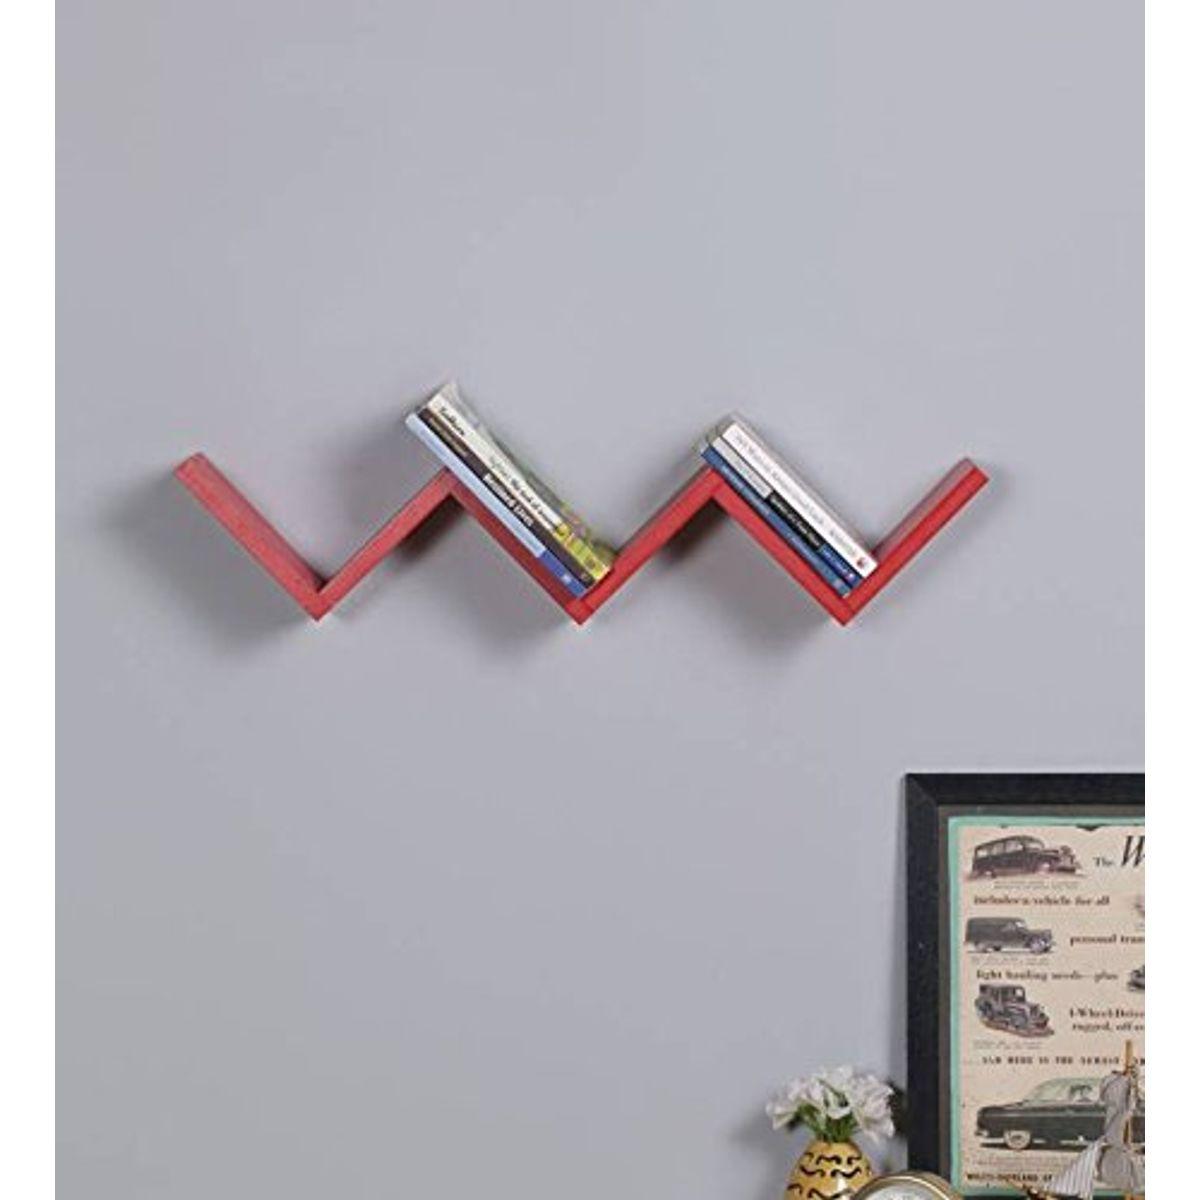 Decorasia Wooden W Shape Wall Mount Book Shelf Size - 23 X 6 X 5 Inch